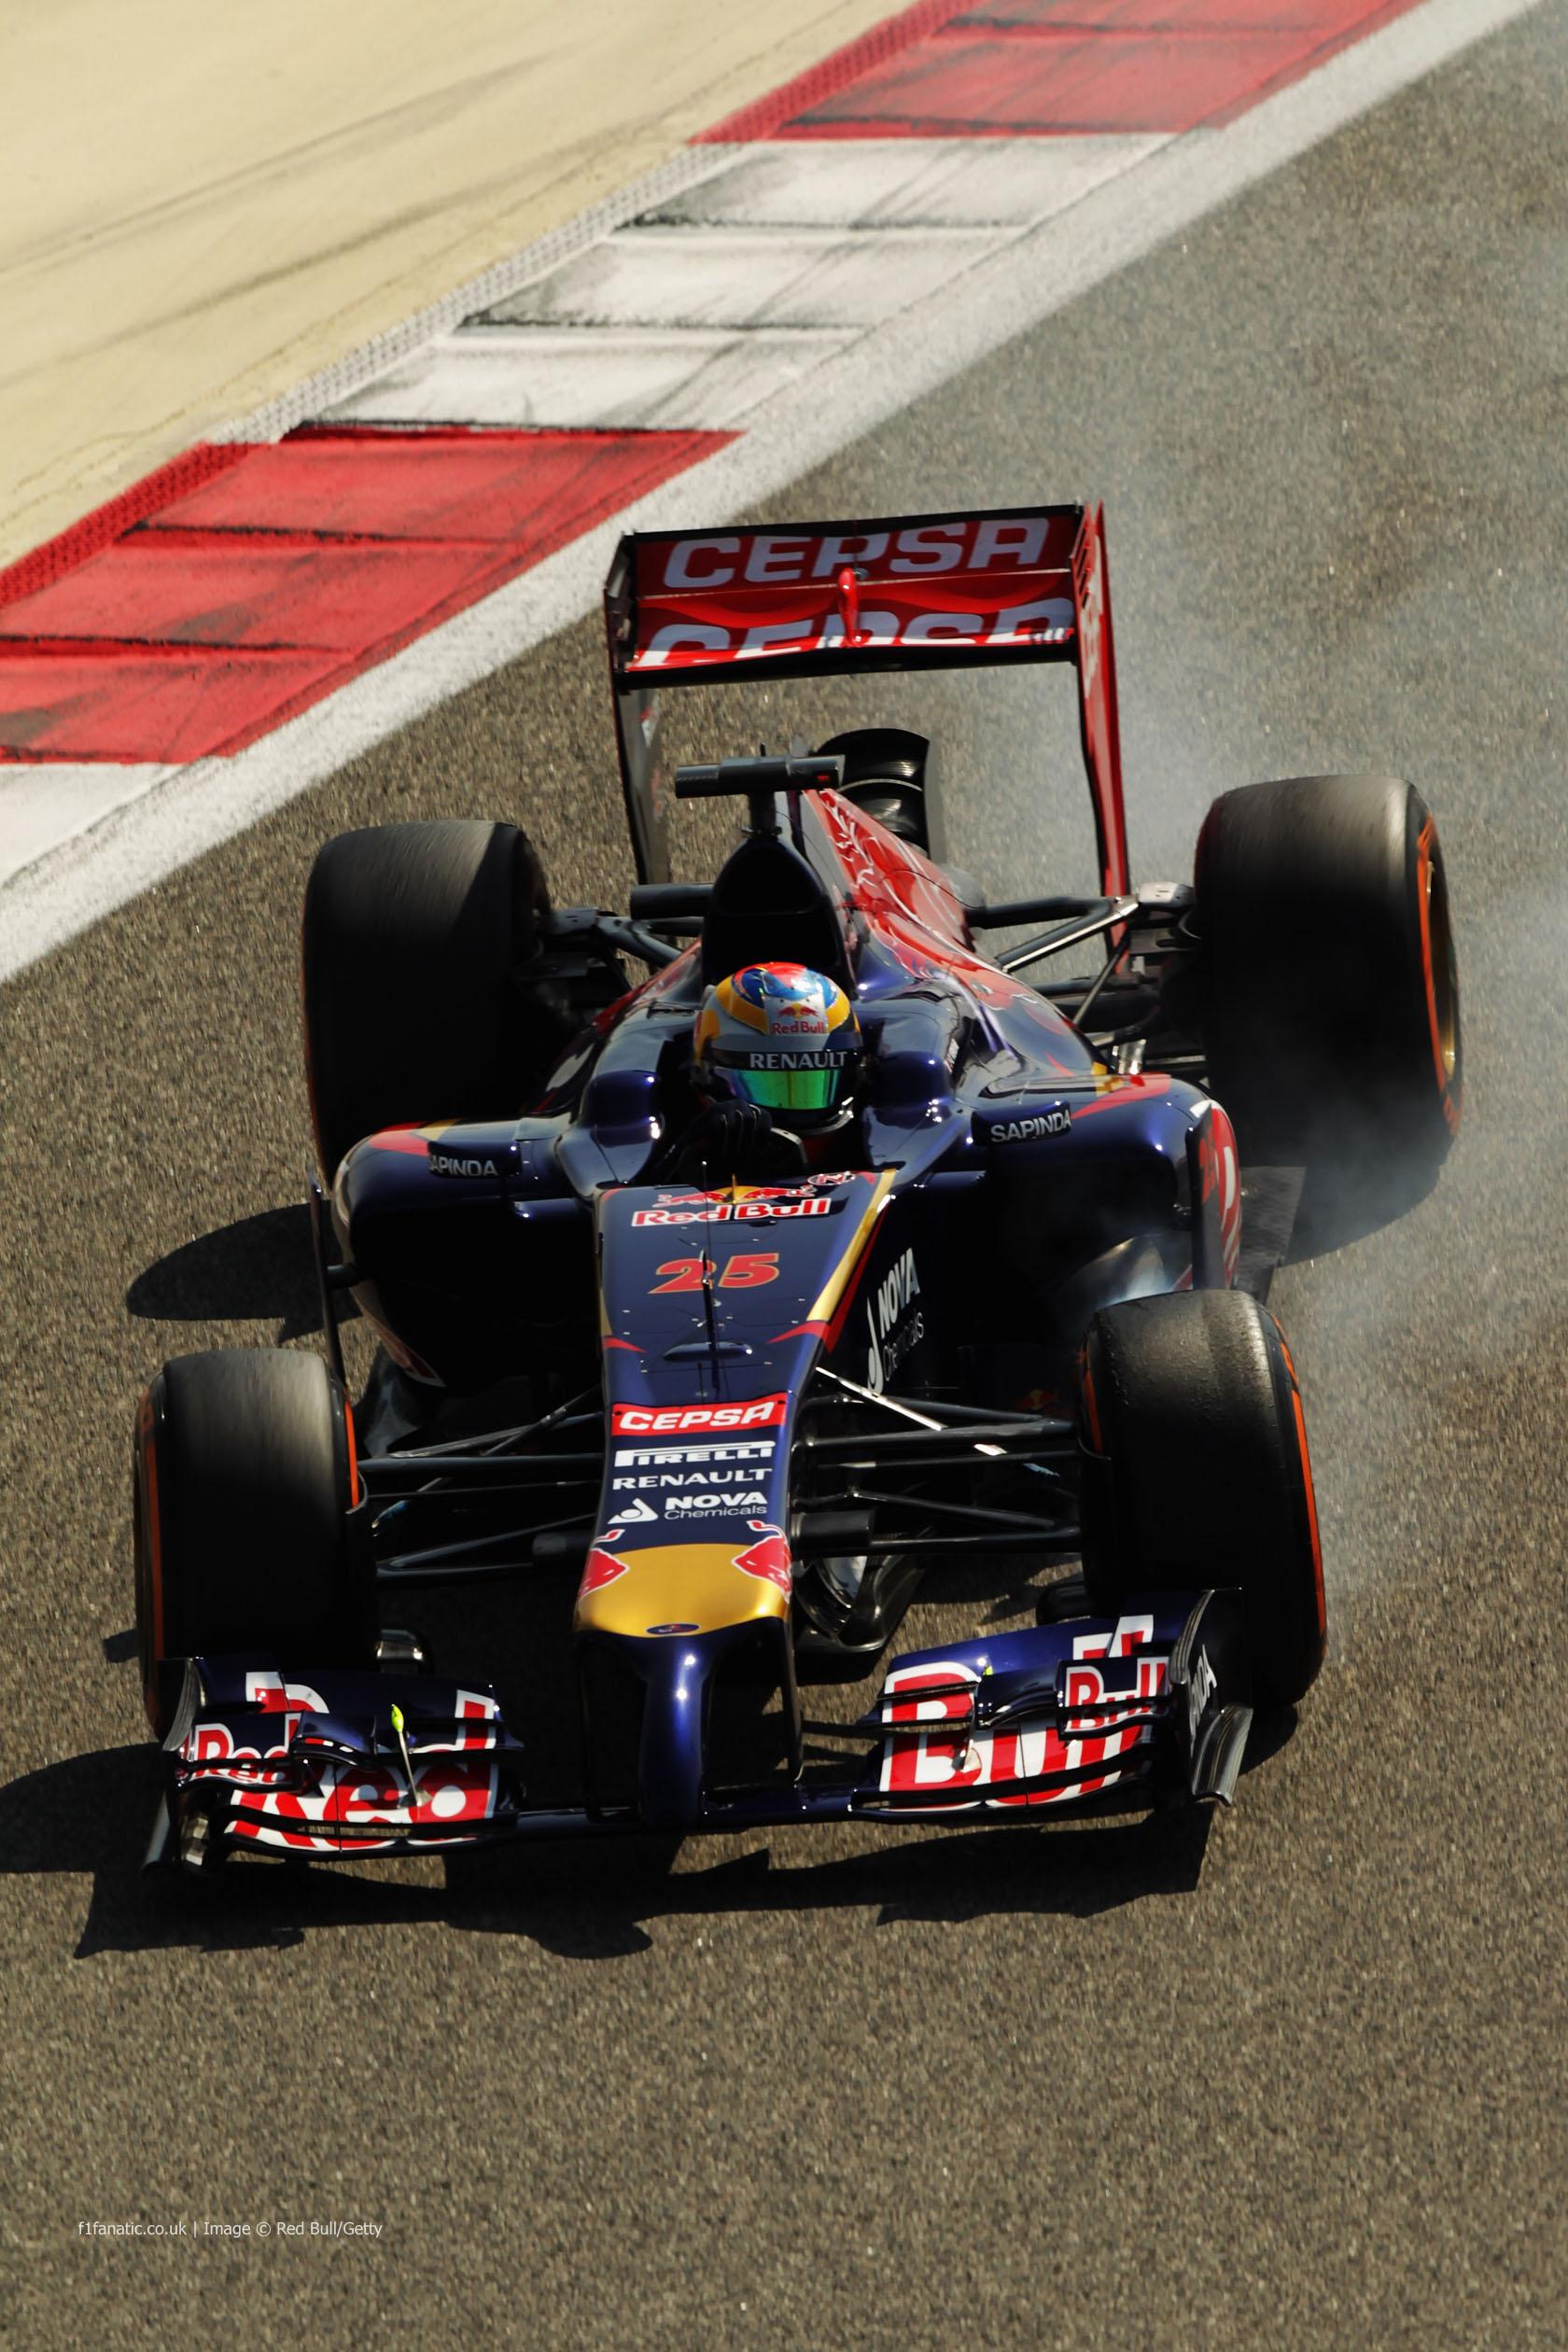 Jean-Eric Vergne, Toro Rosso, Bahrain, 2014